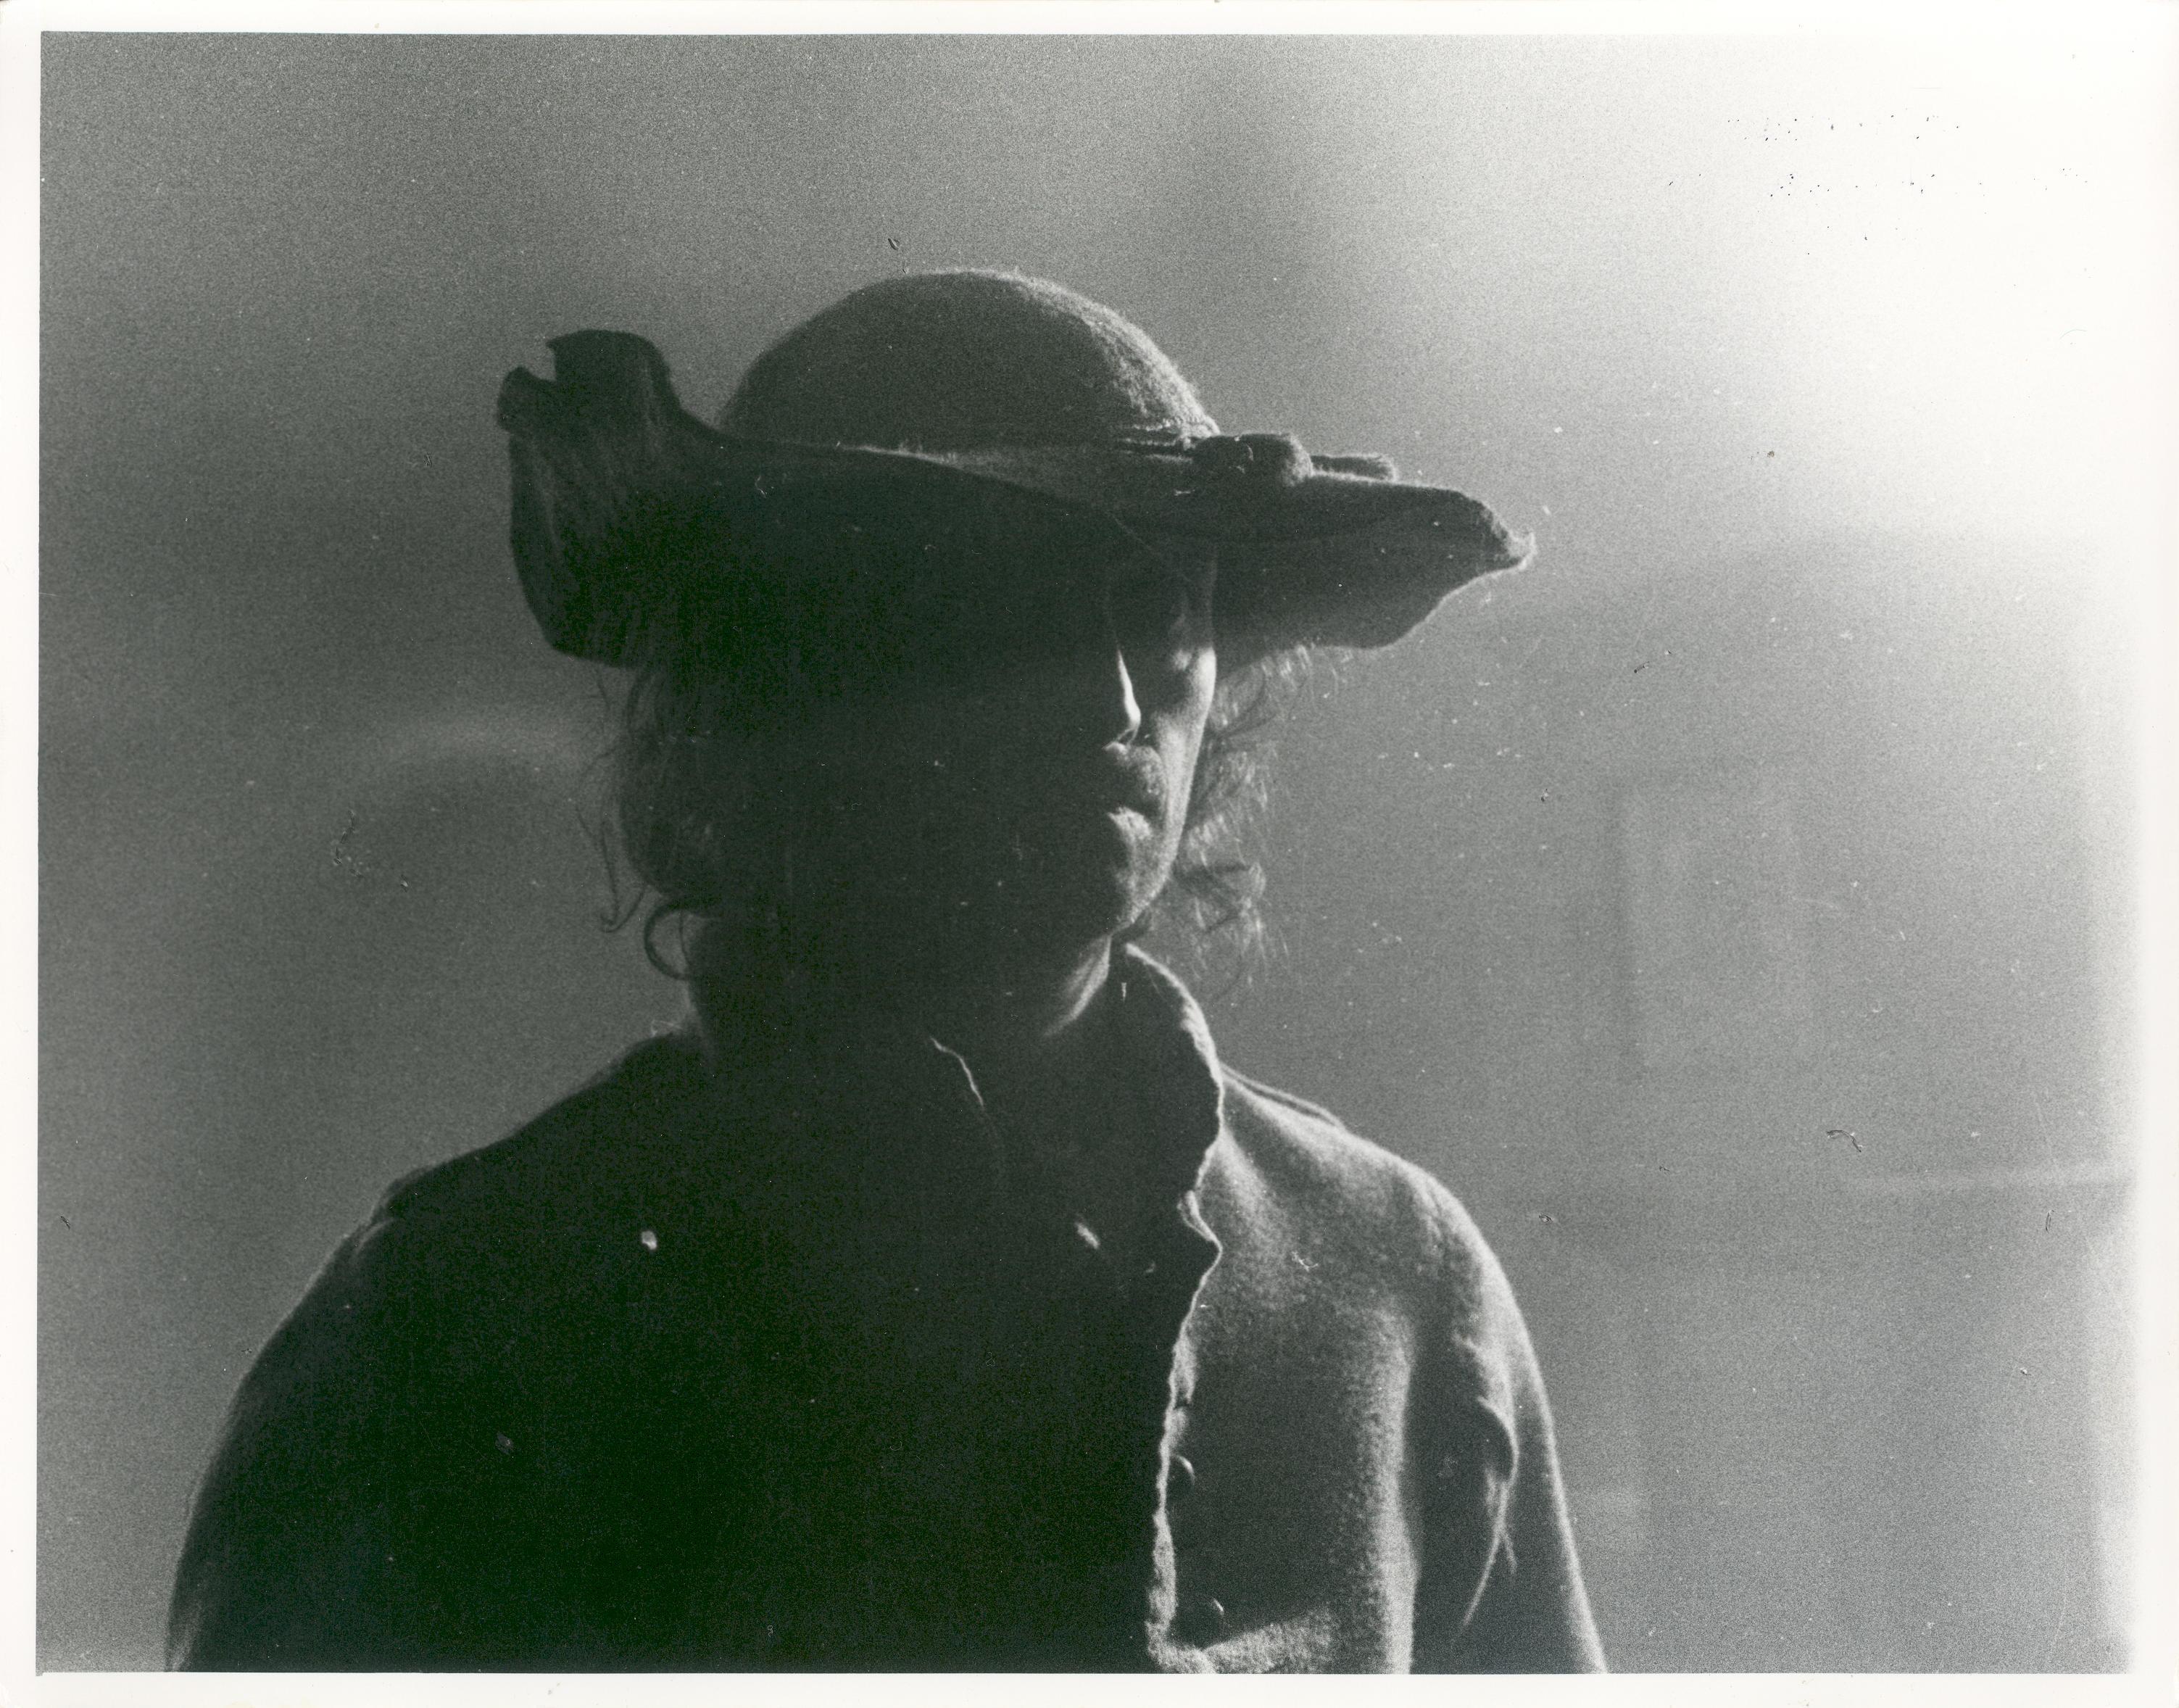 Miles Halliwell playing Gerrard Winstanley in the 1975 film 'Winstanley'.